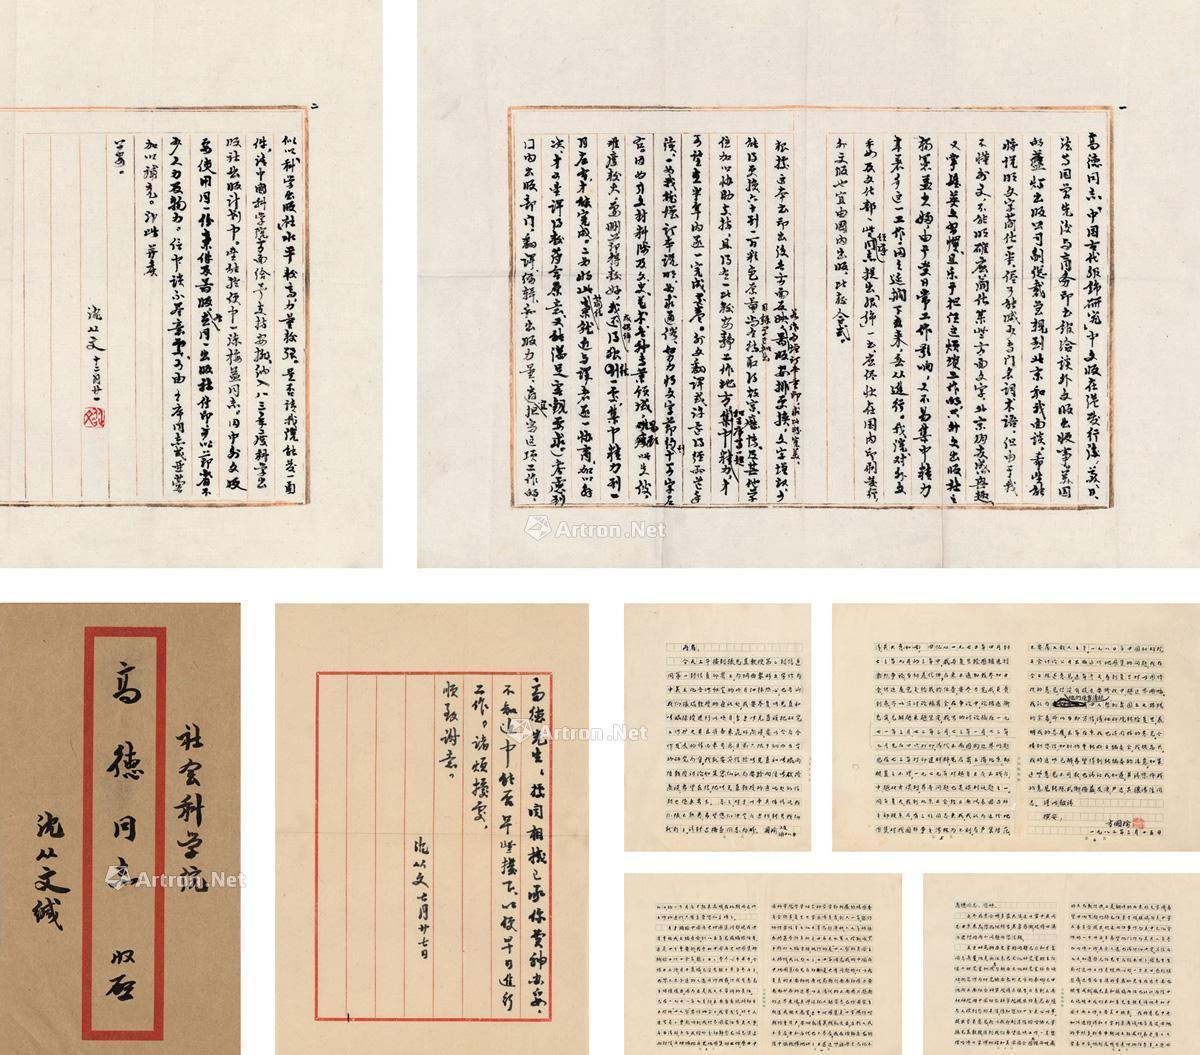 沈从文、方国瑜 致高德有关《中国古代服饰研究》、纳西族研究信札三通 1982年作(泓盛拍卖)